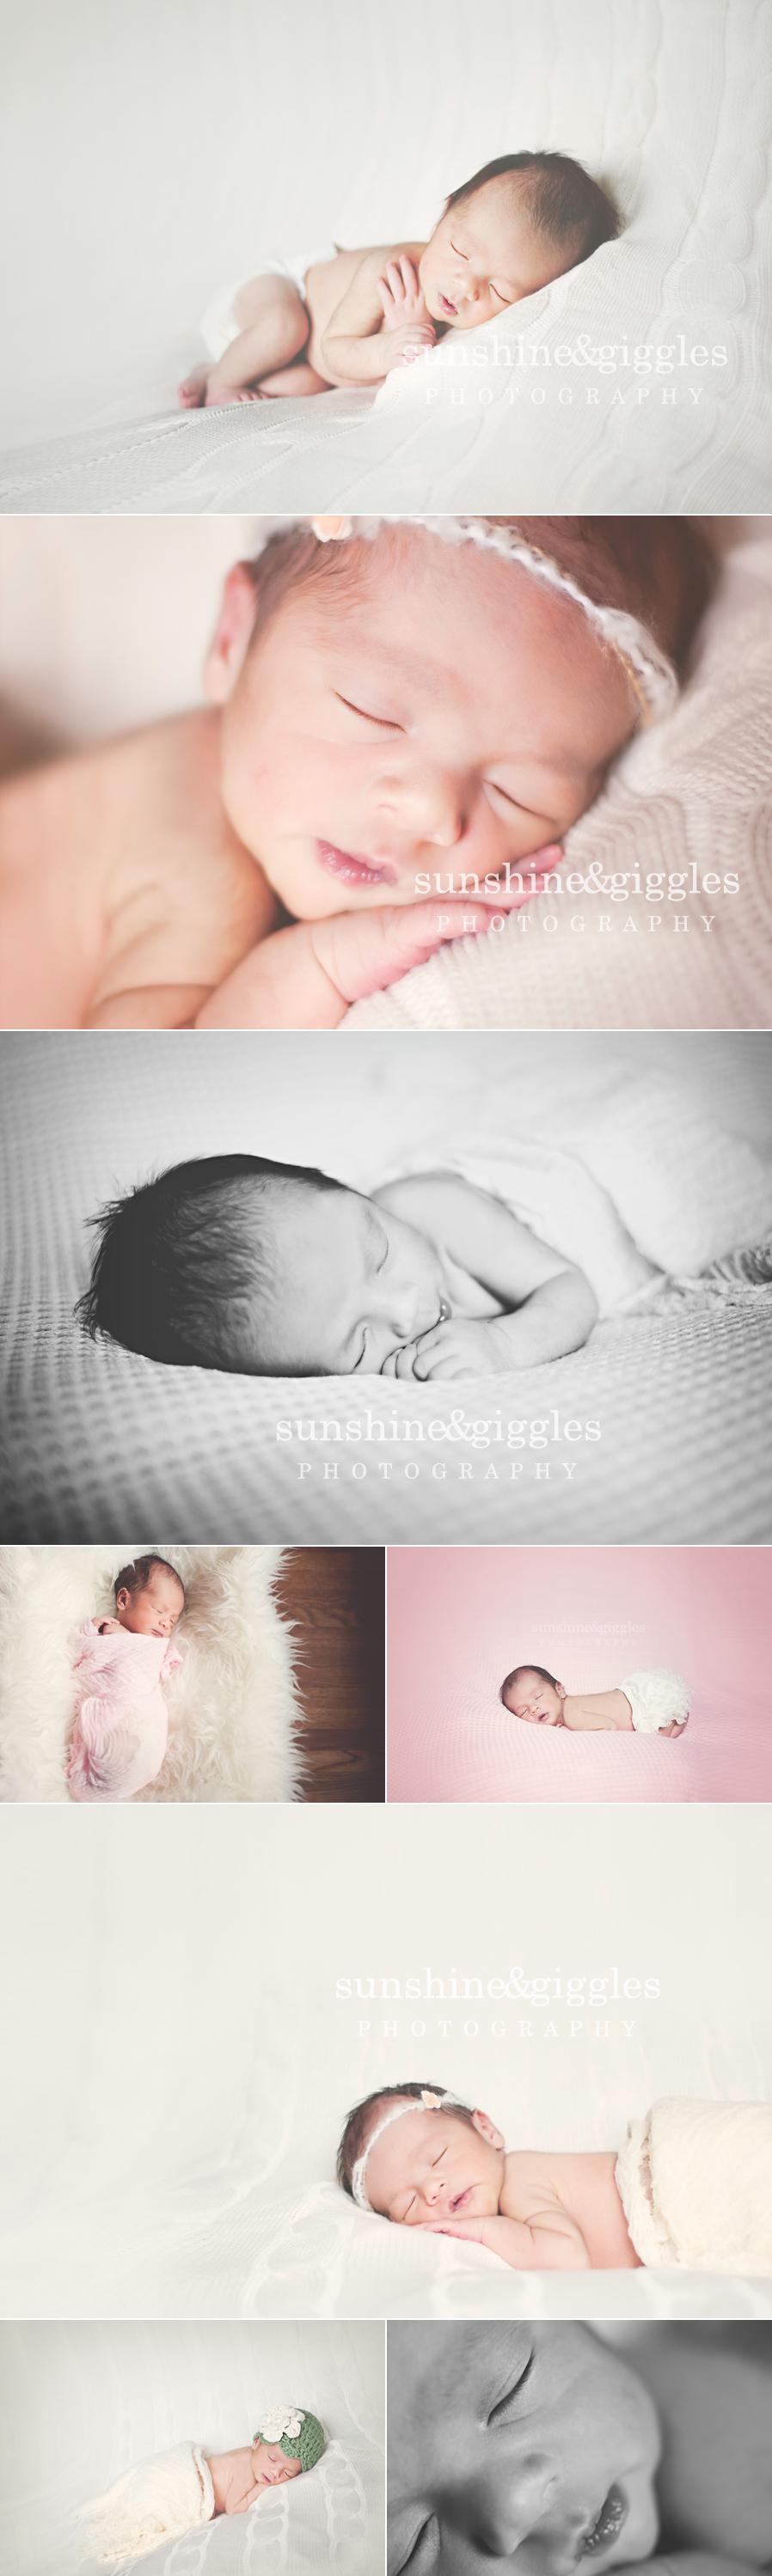 beautiful new jersey newborn photography